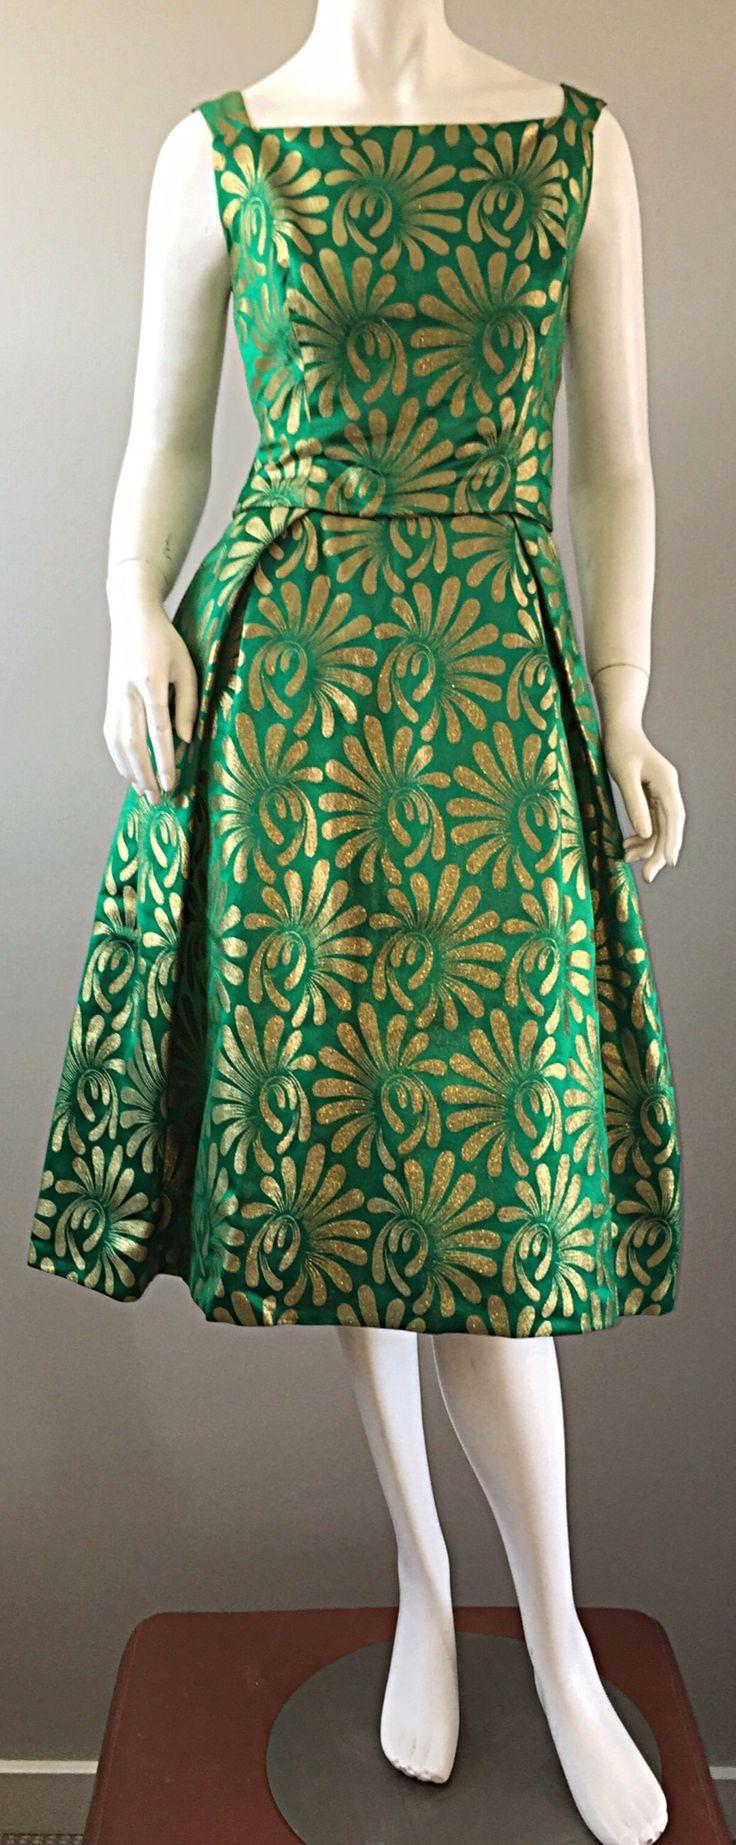 1950s 50s Vintage Blauner for Bonwit Teller Green + Gold ' New Look ' Silk Dress